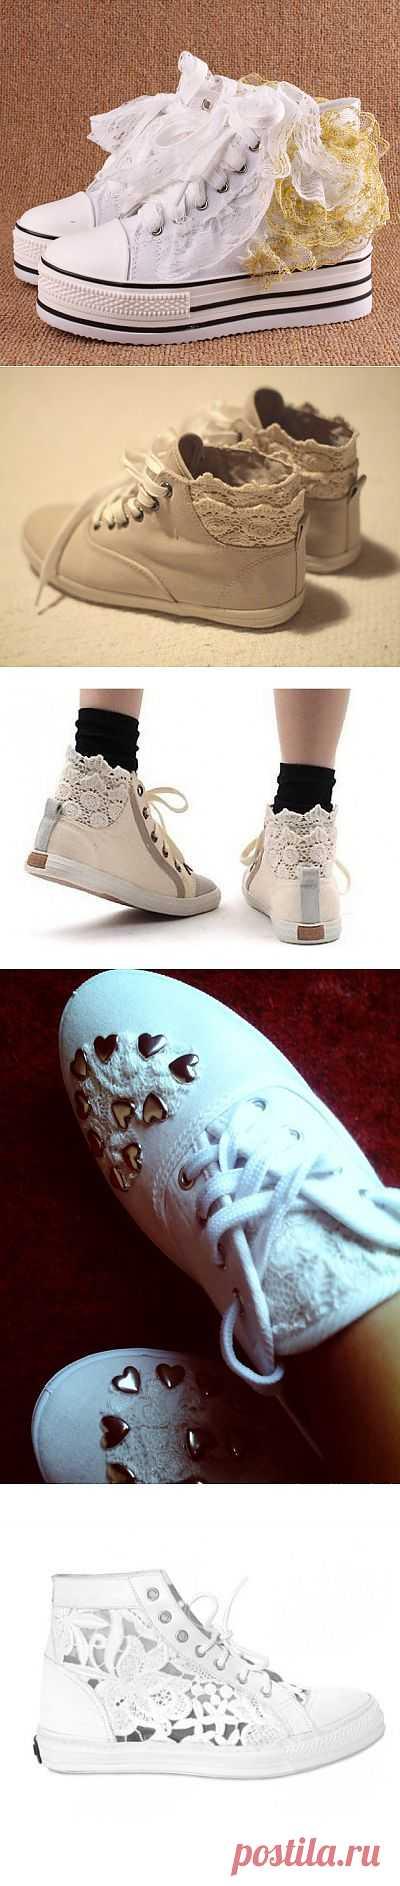 Кеды с кружевом (трафик) / Обувь / Модный сайт о стильной переделке одежды и интерьера